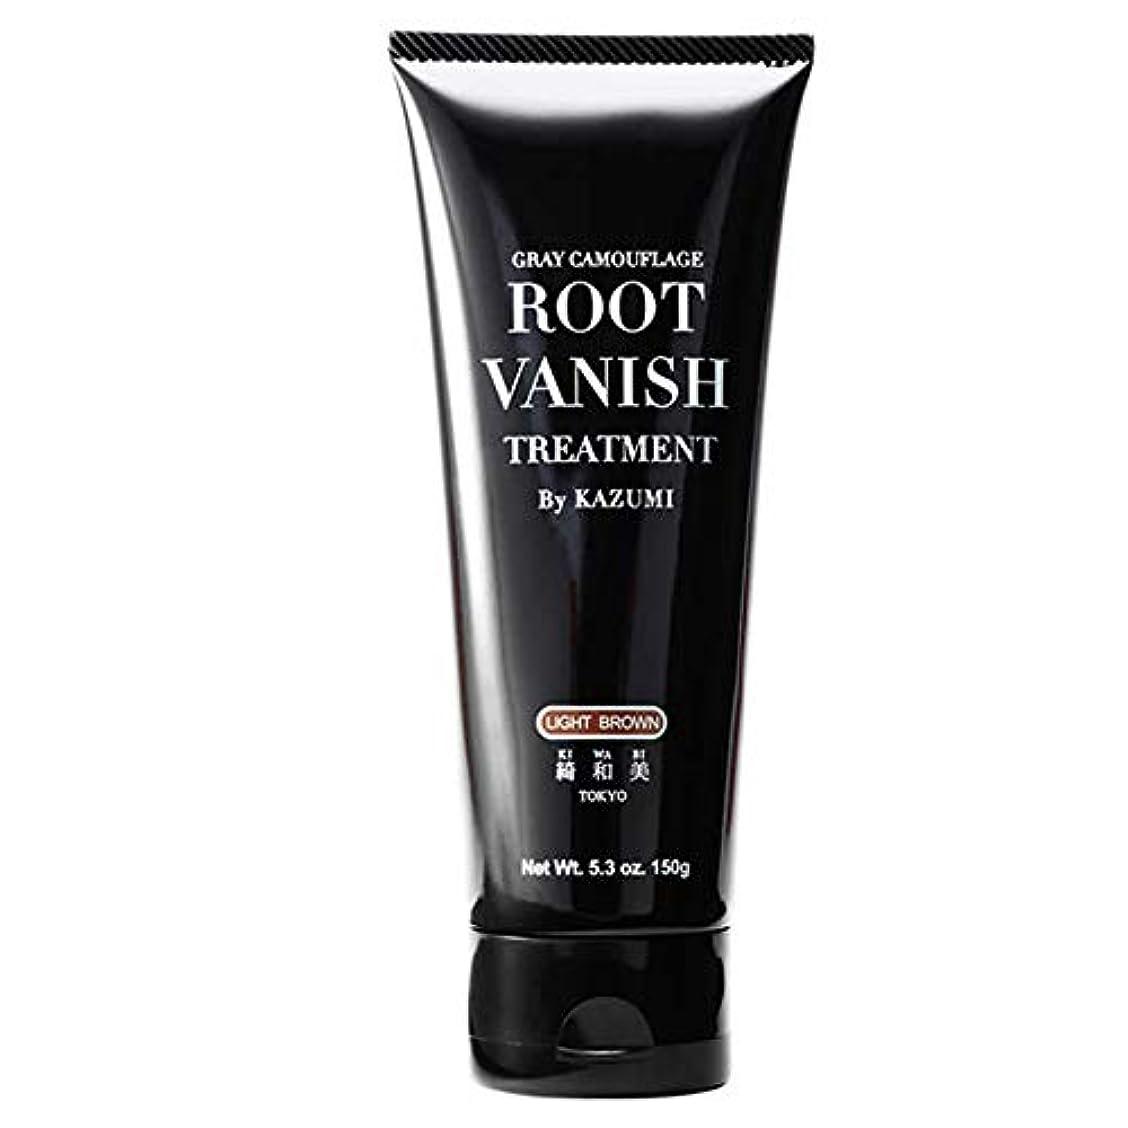 スタウト部門装備するRoot Vanish 白髪染め (ライトブラウン) ヘアカラートリートメント 女性用 [100%天然成分 / 無添加22種類の植物エキス配合]